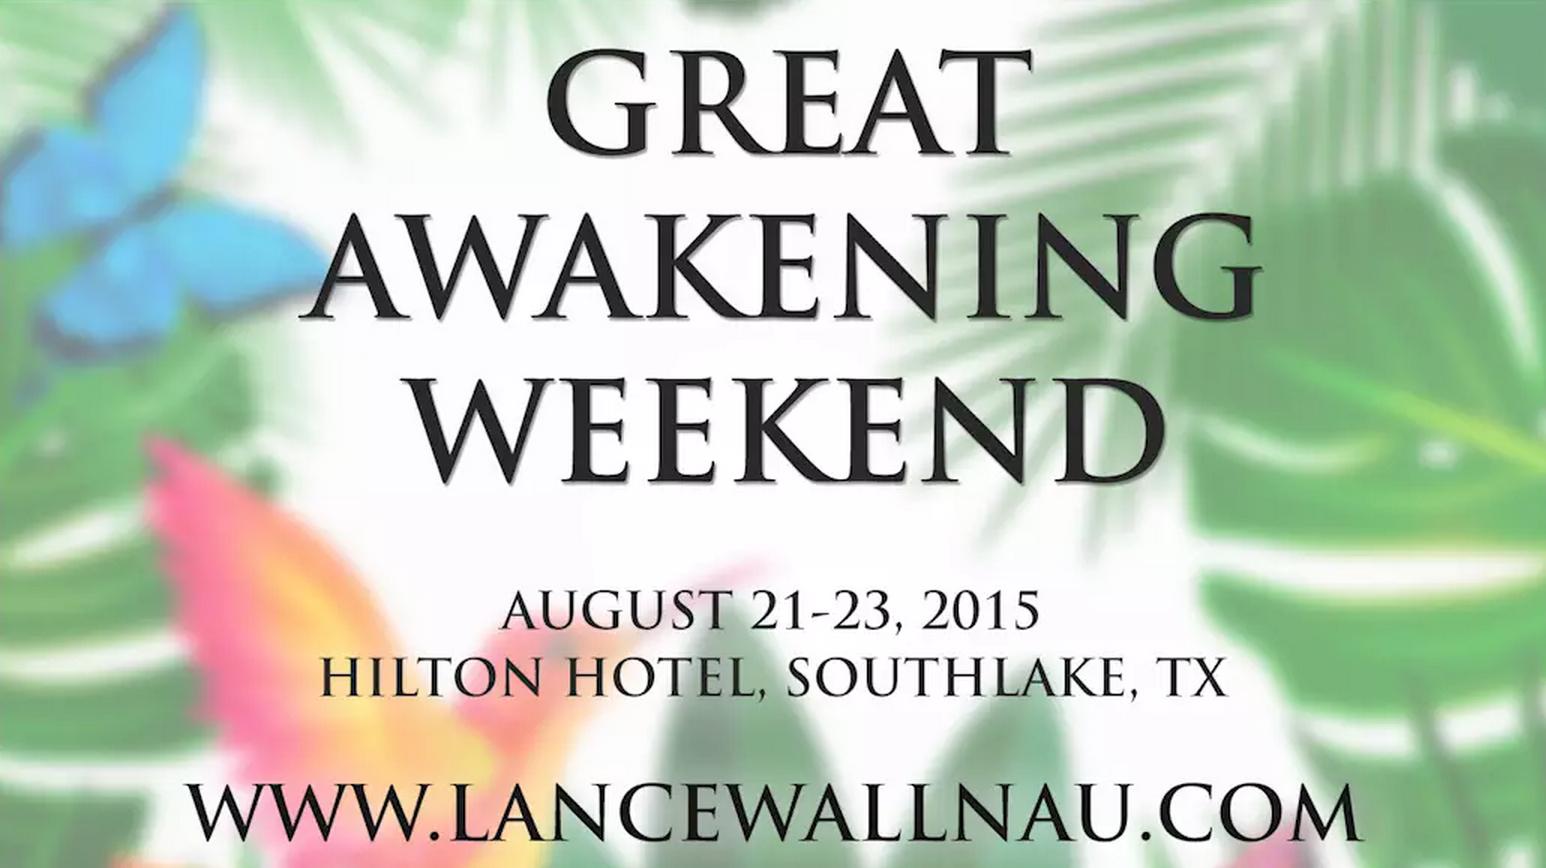 Great Awakening Weekend